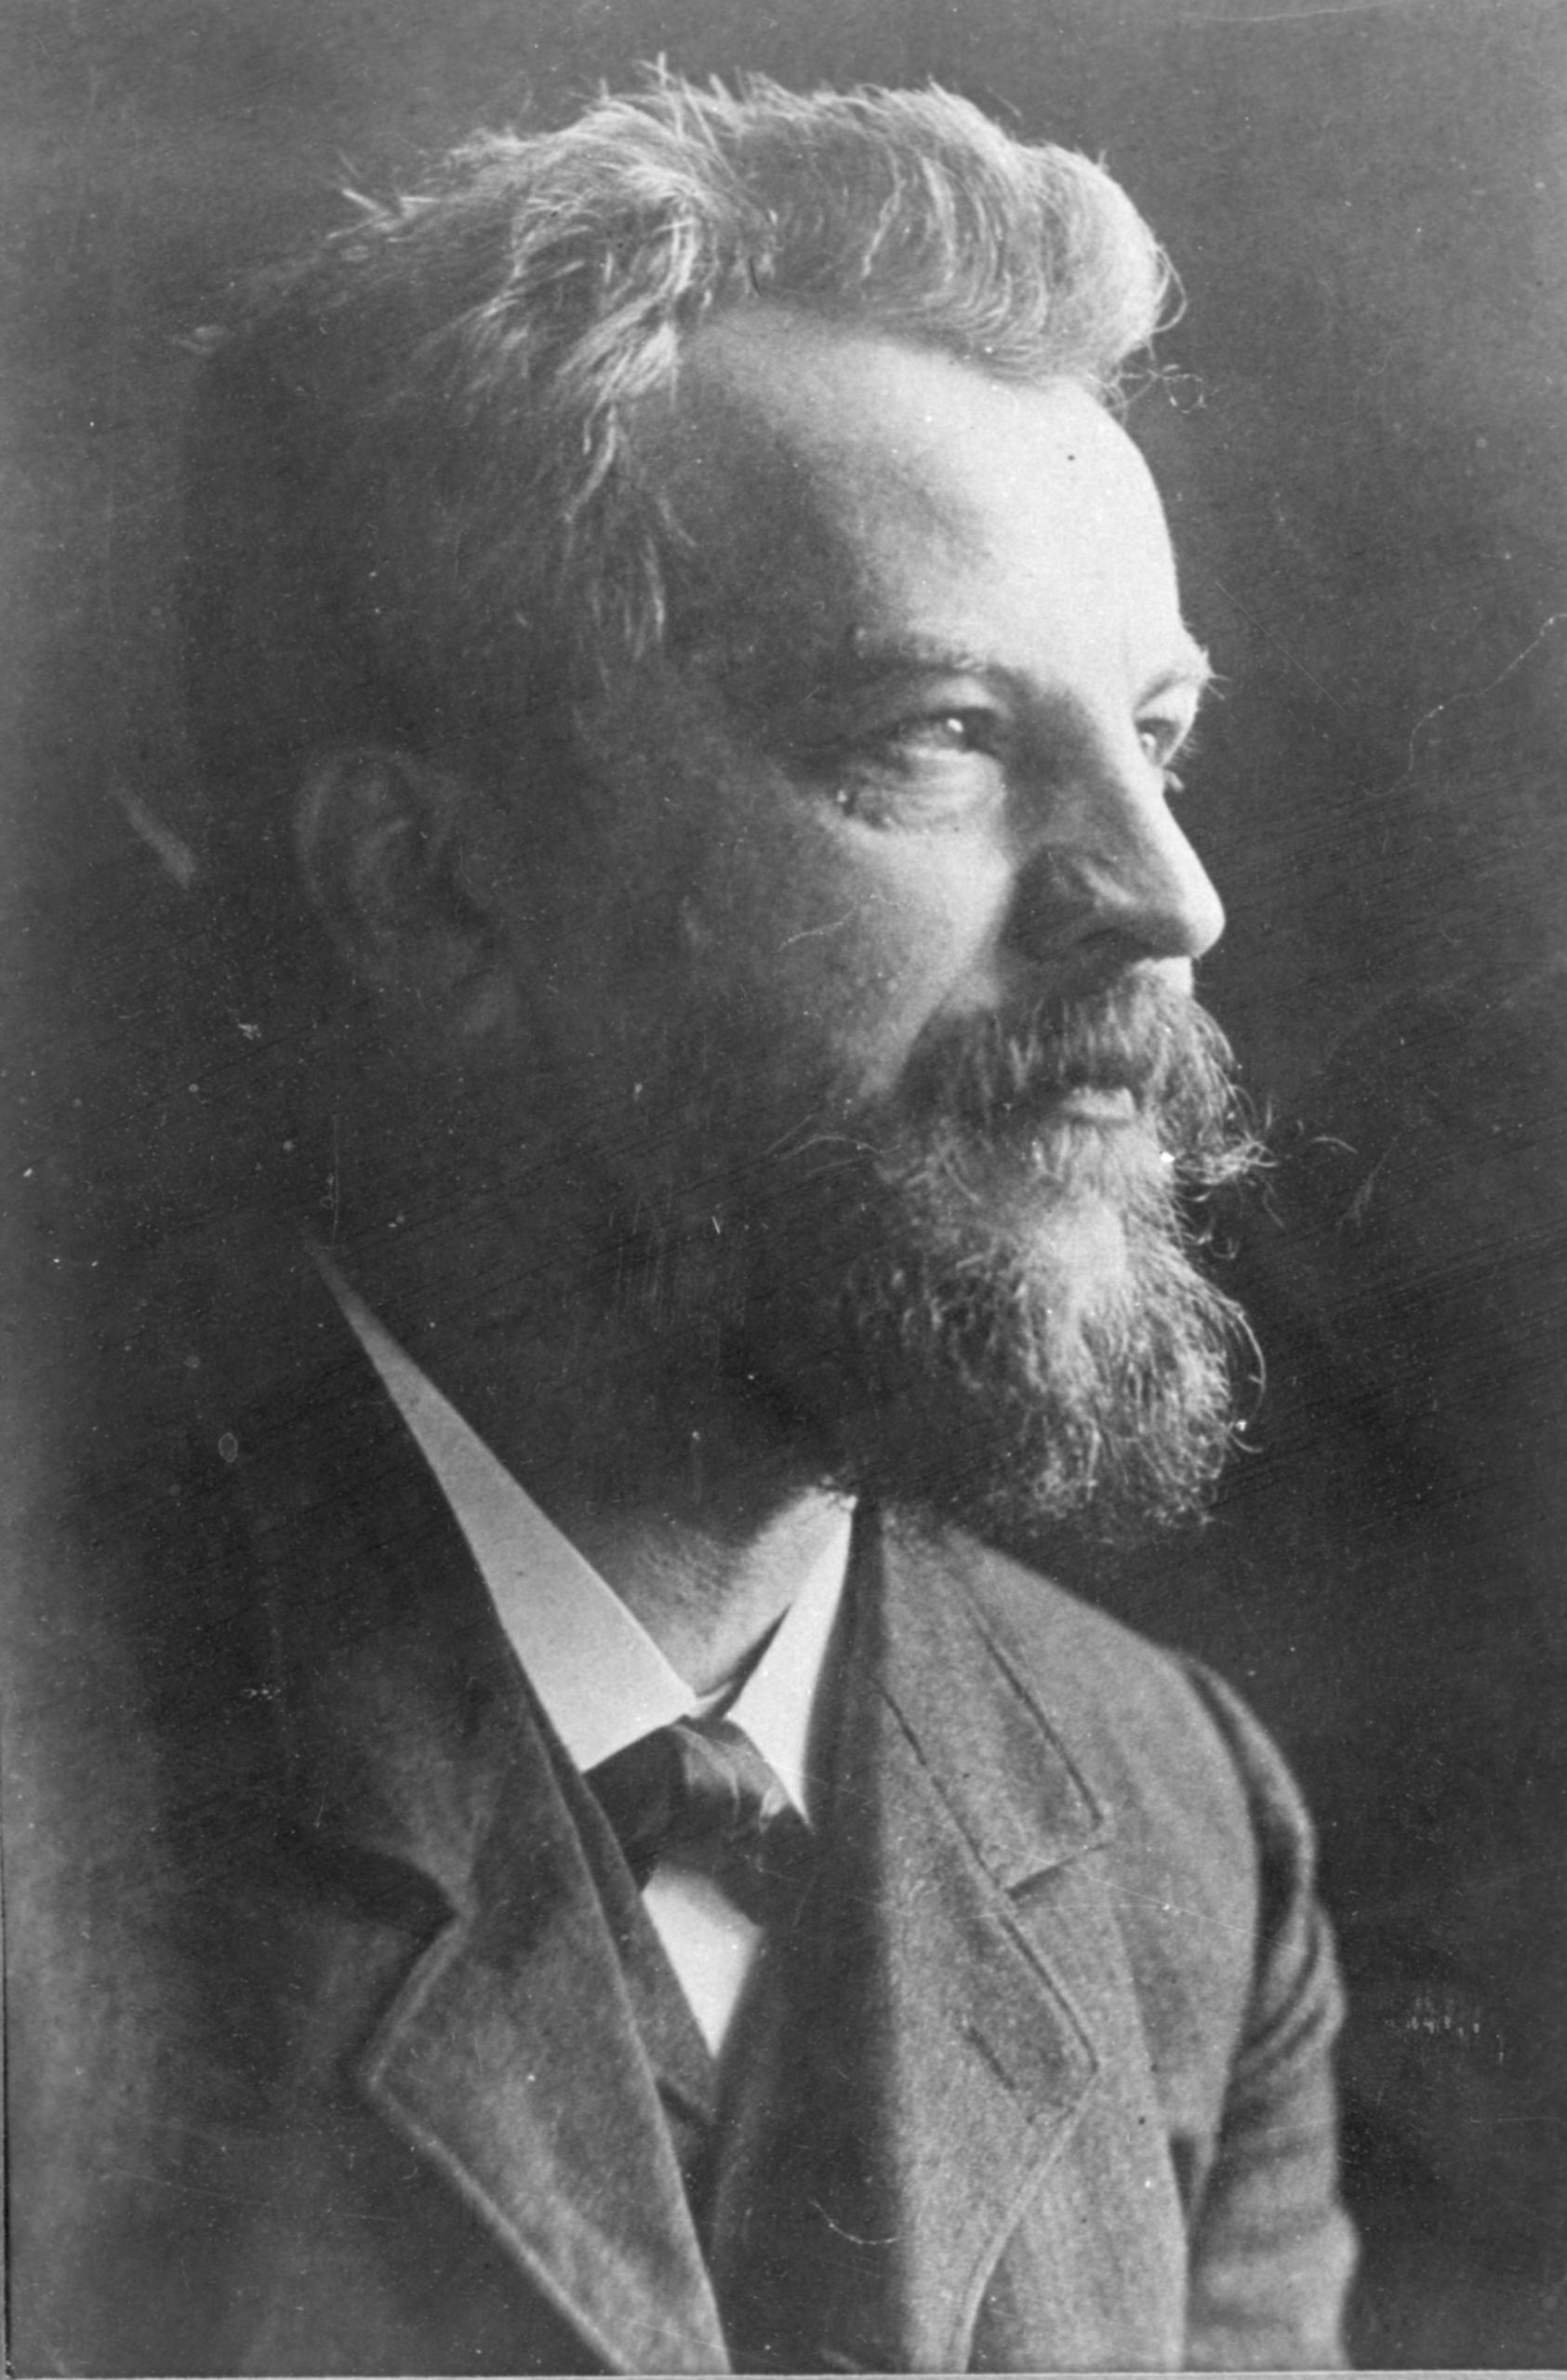 Franz Studniczka (1860-1929)